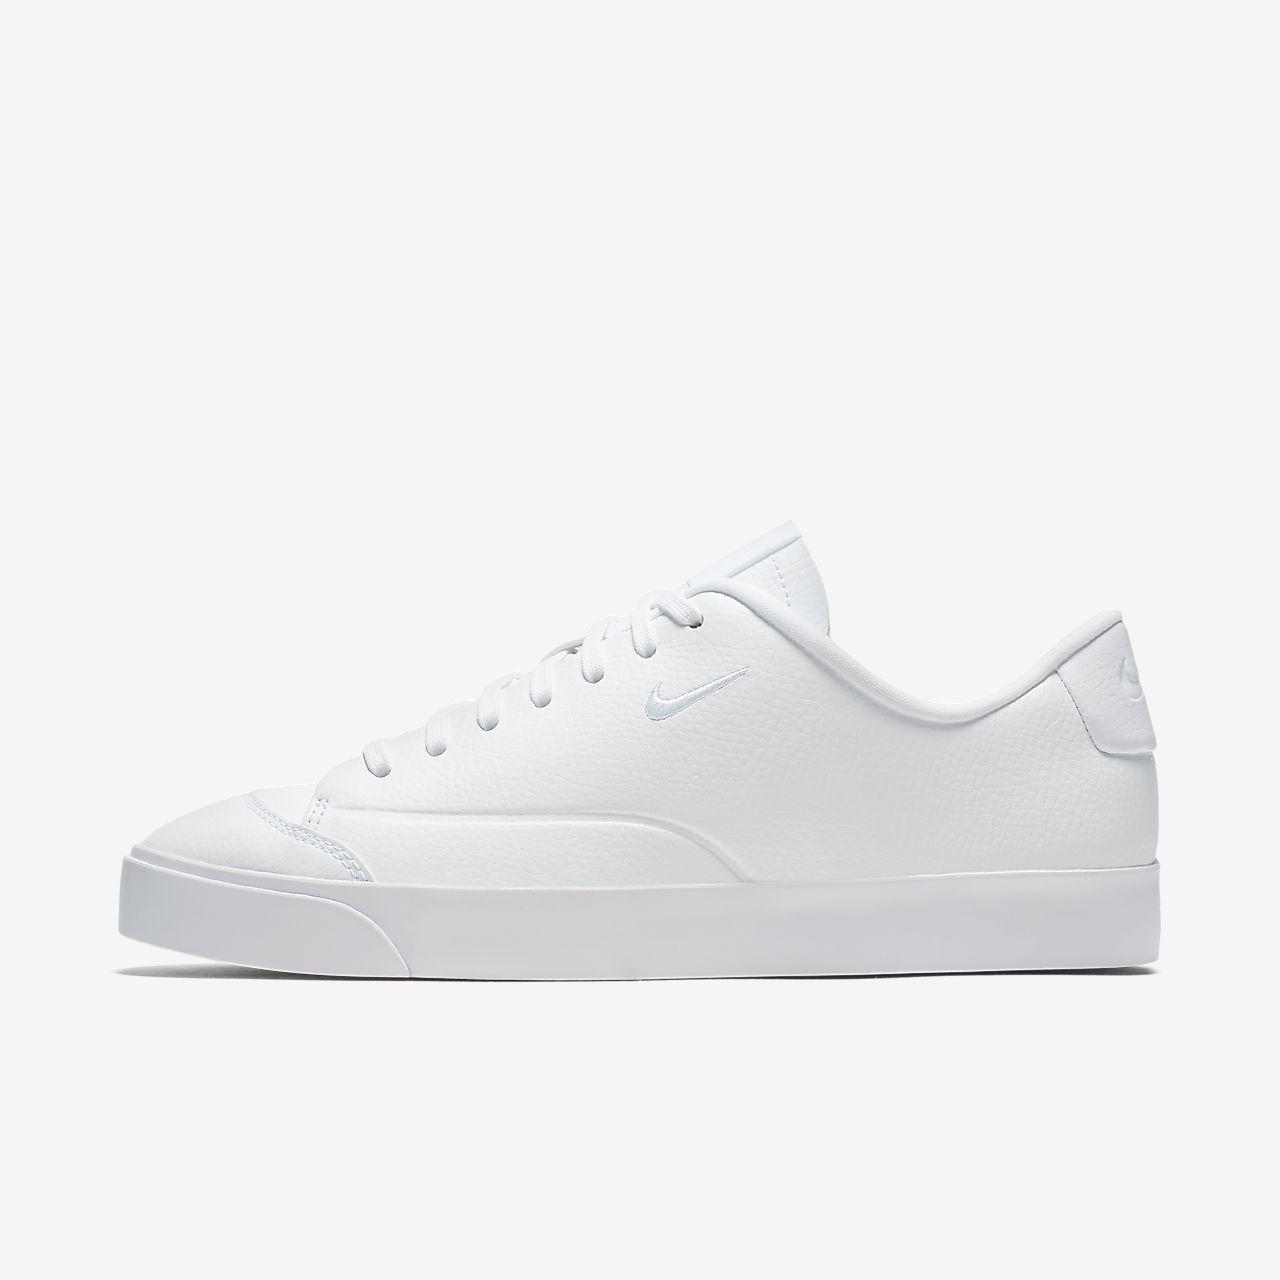 Nike Blazer City Low女子运动鞋